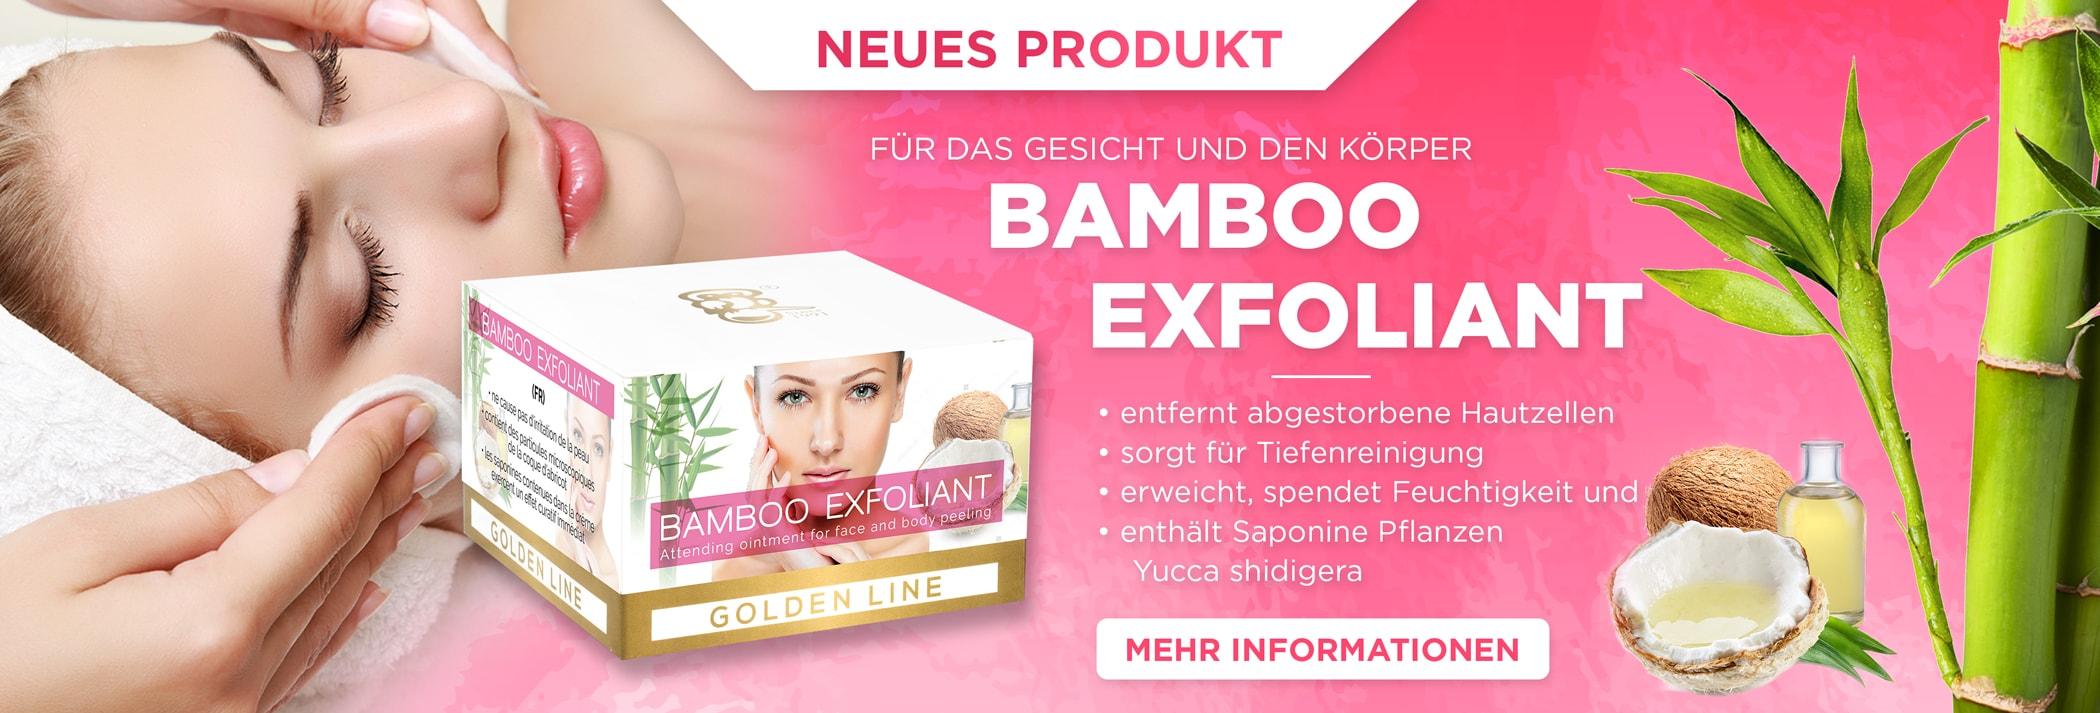 Bamboo-exfoliant-banner-DE